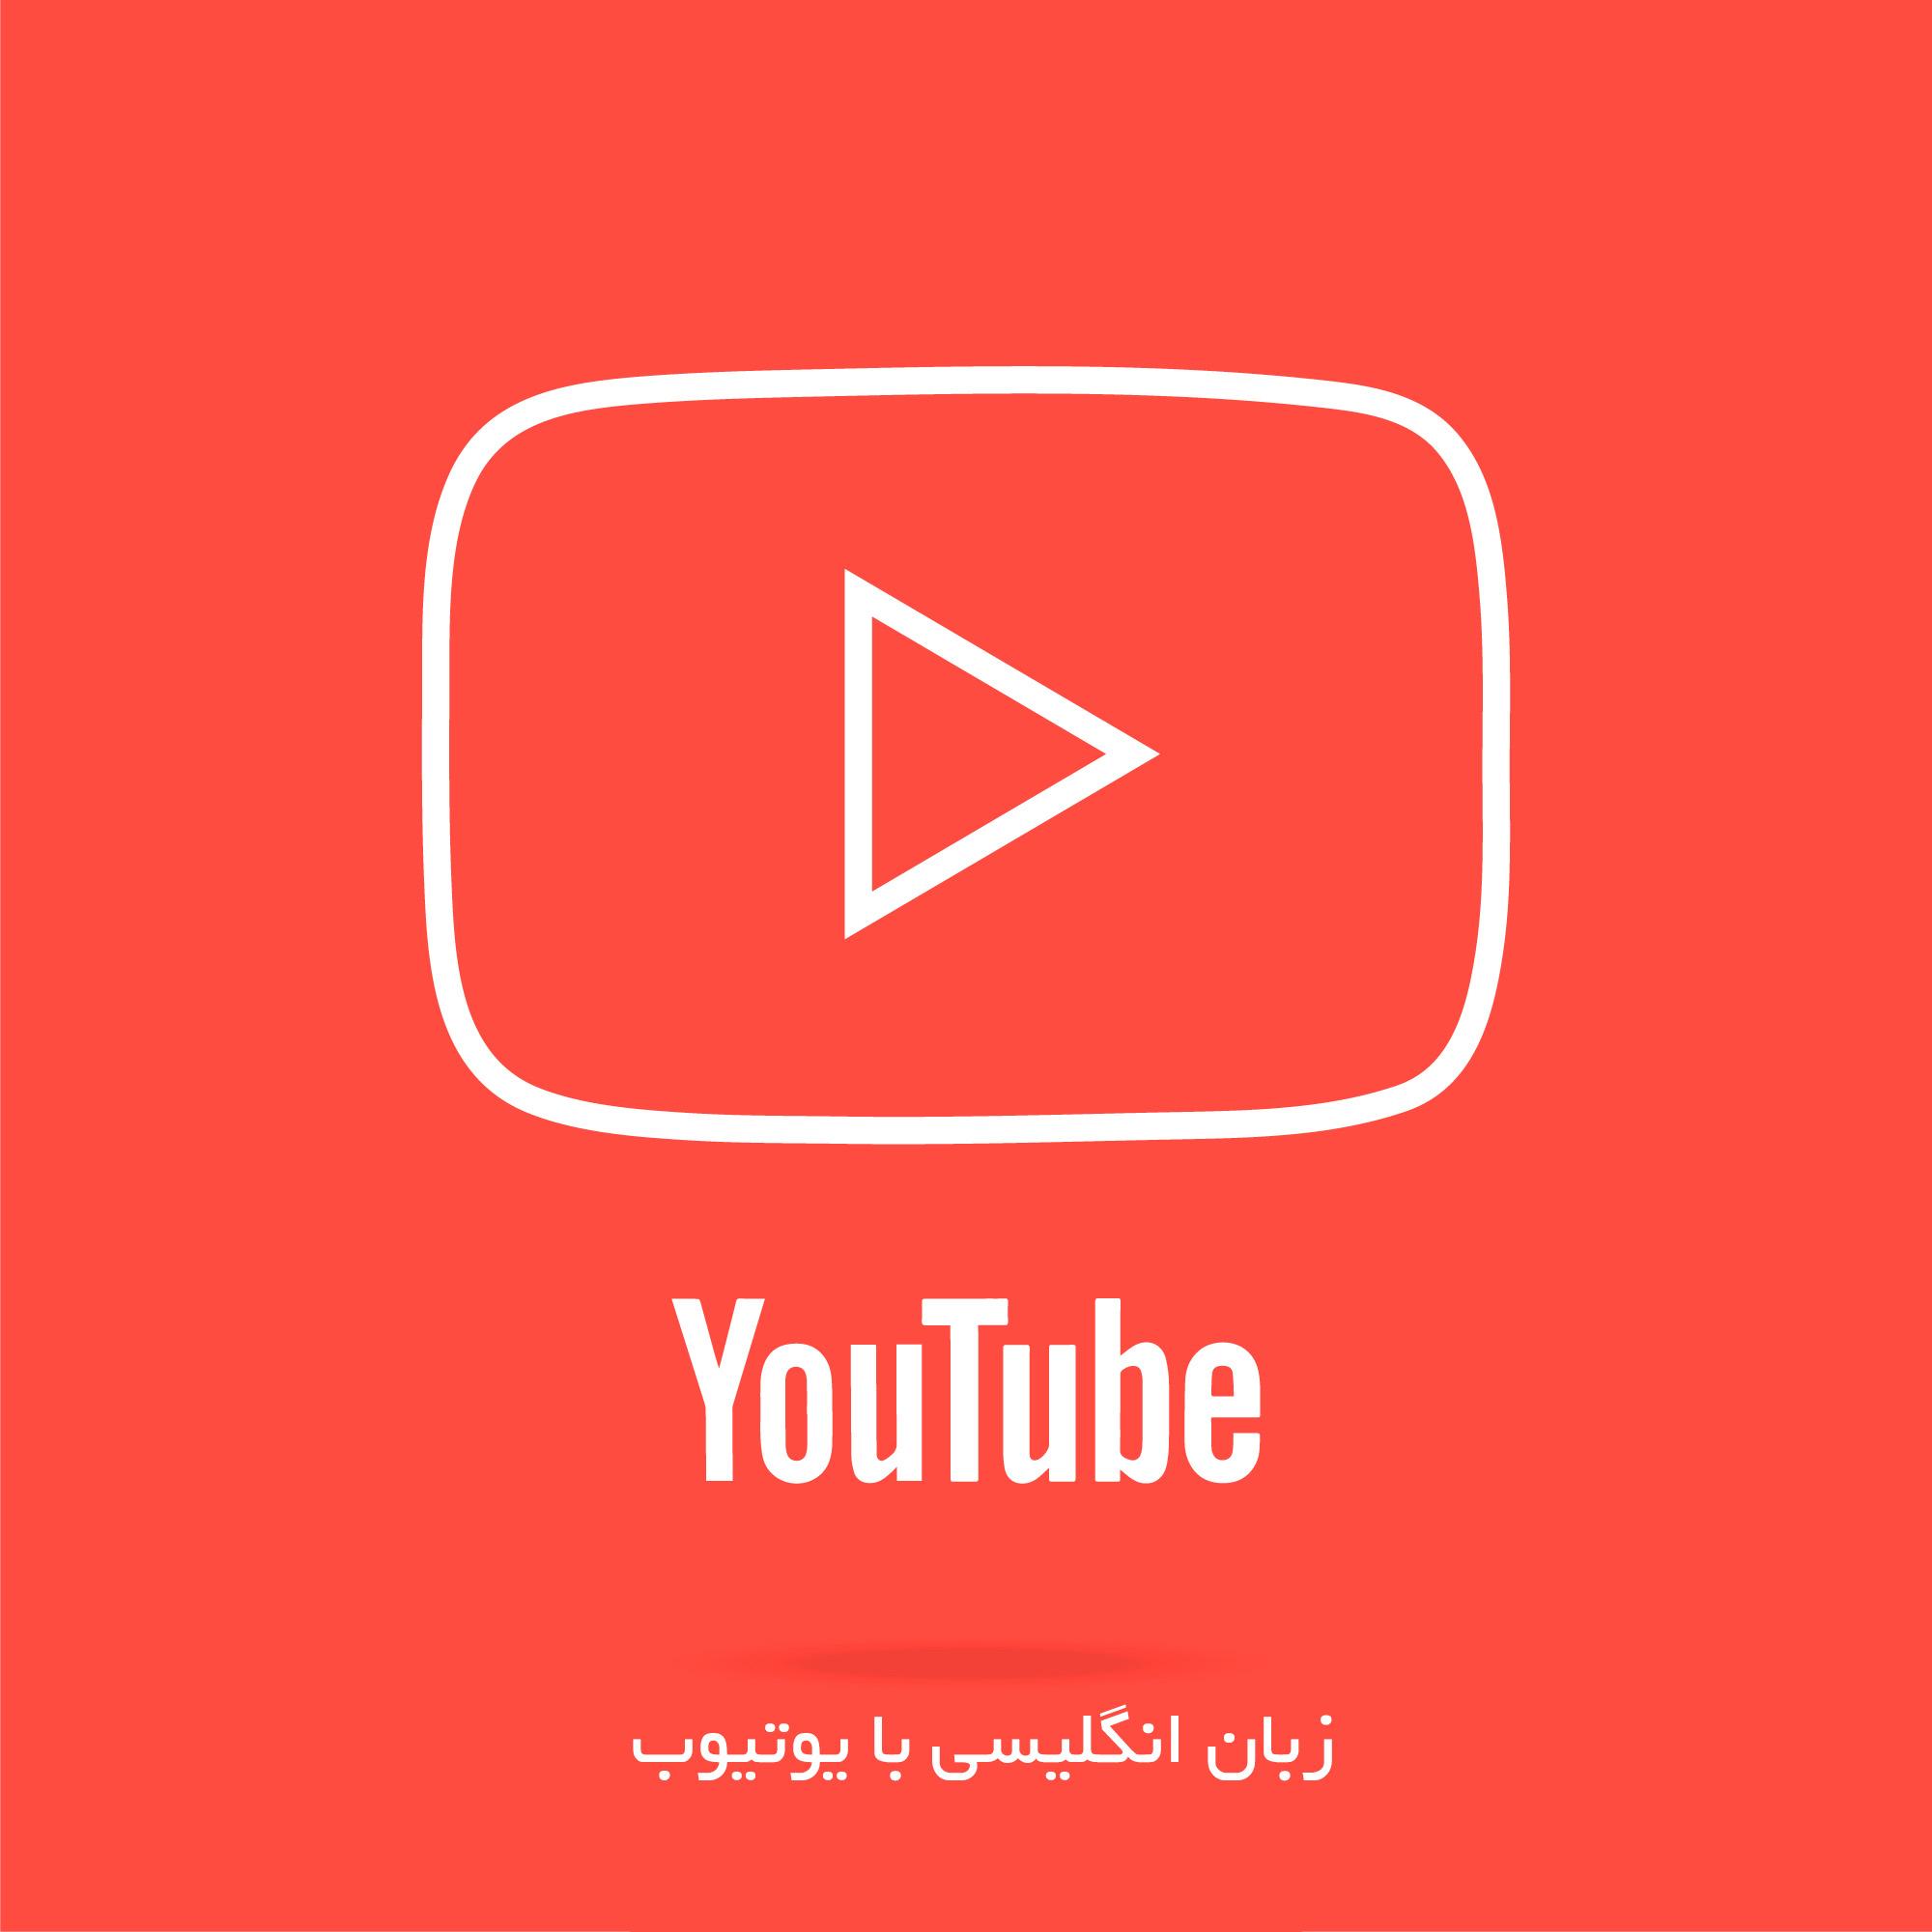 آموزش انگلیسی بوسیله یوتیوب